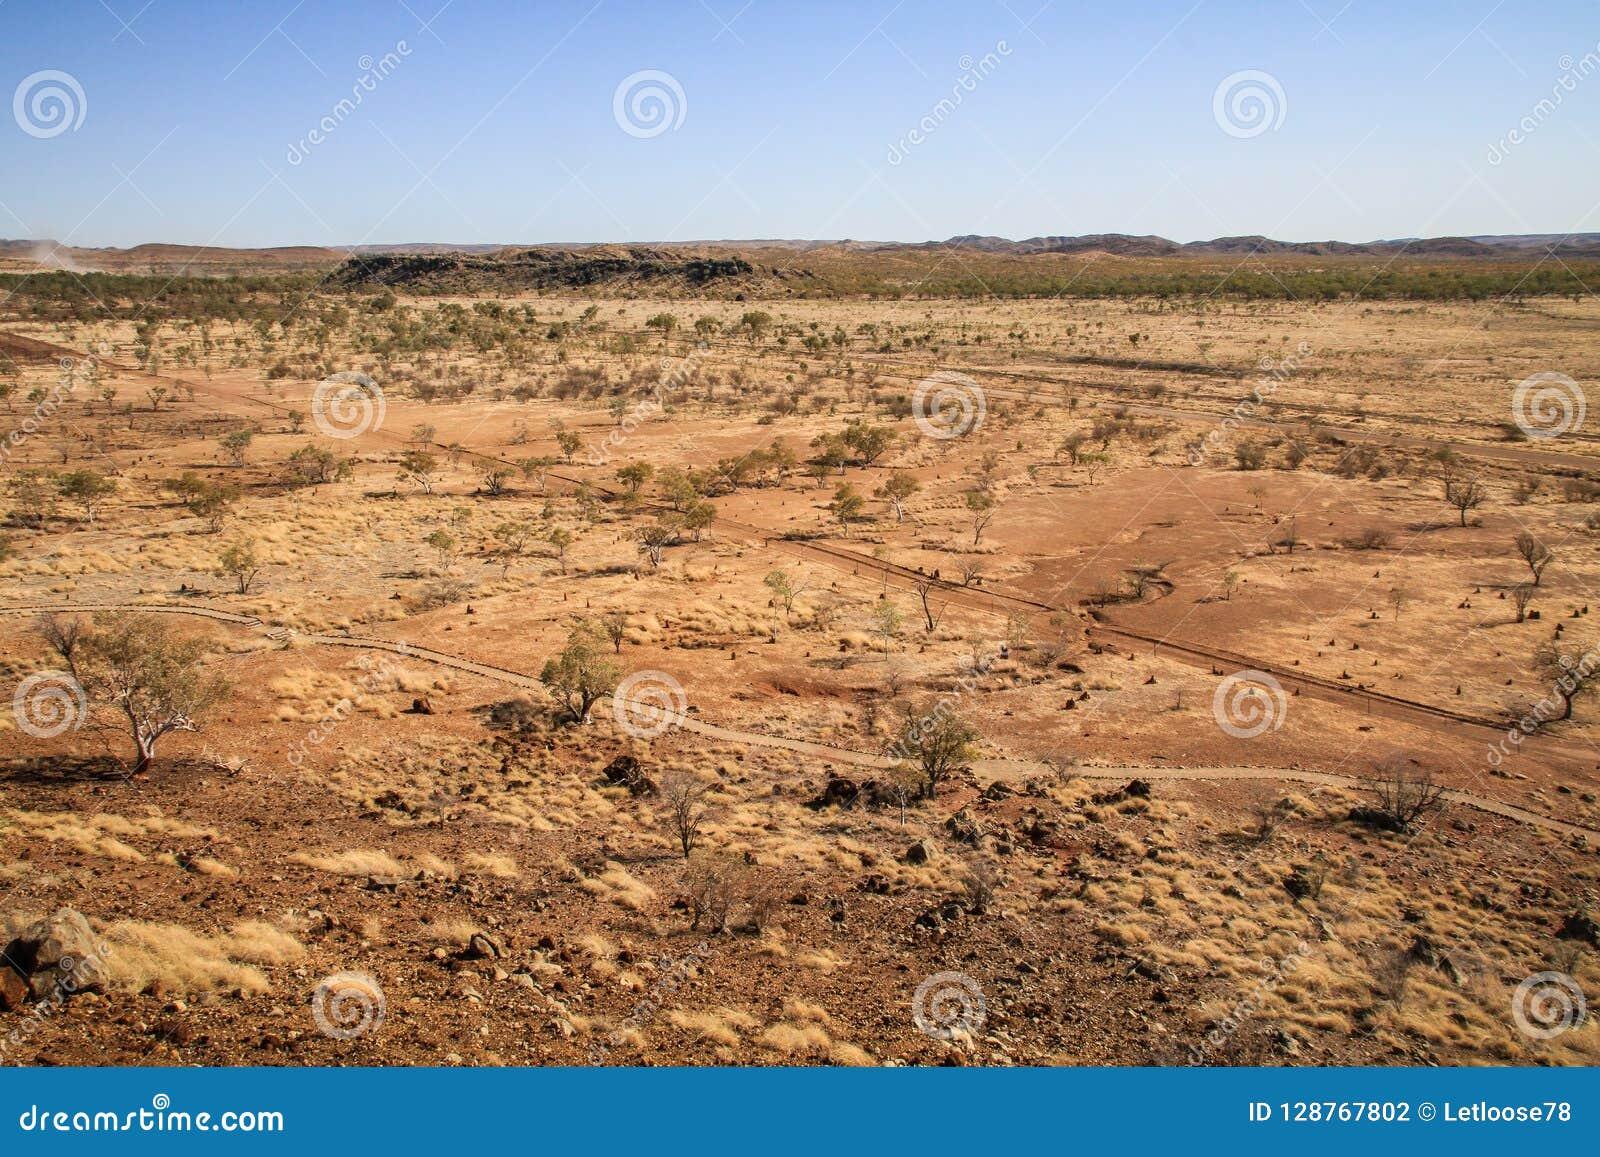 Vue sur le désert du site fossile de Riversleigh, Savannah Way, Queensland, Australie